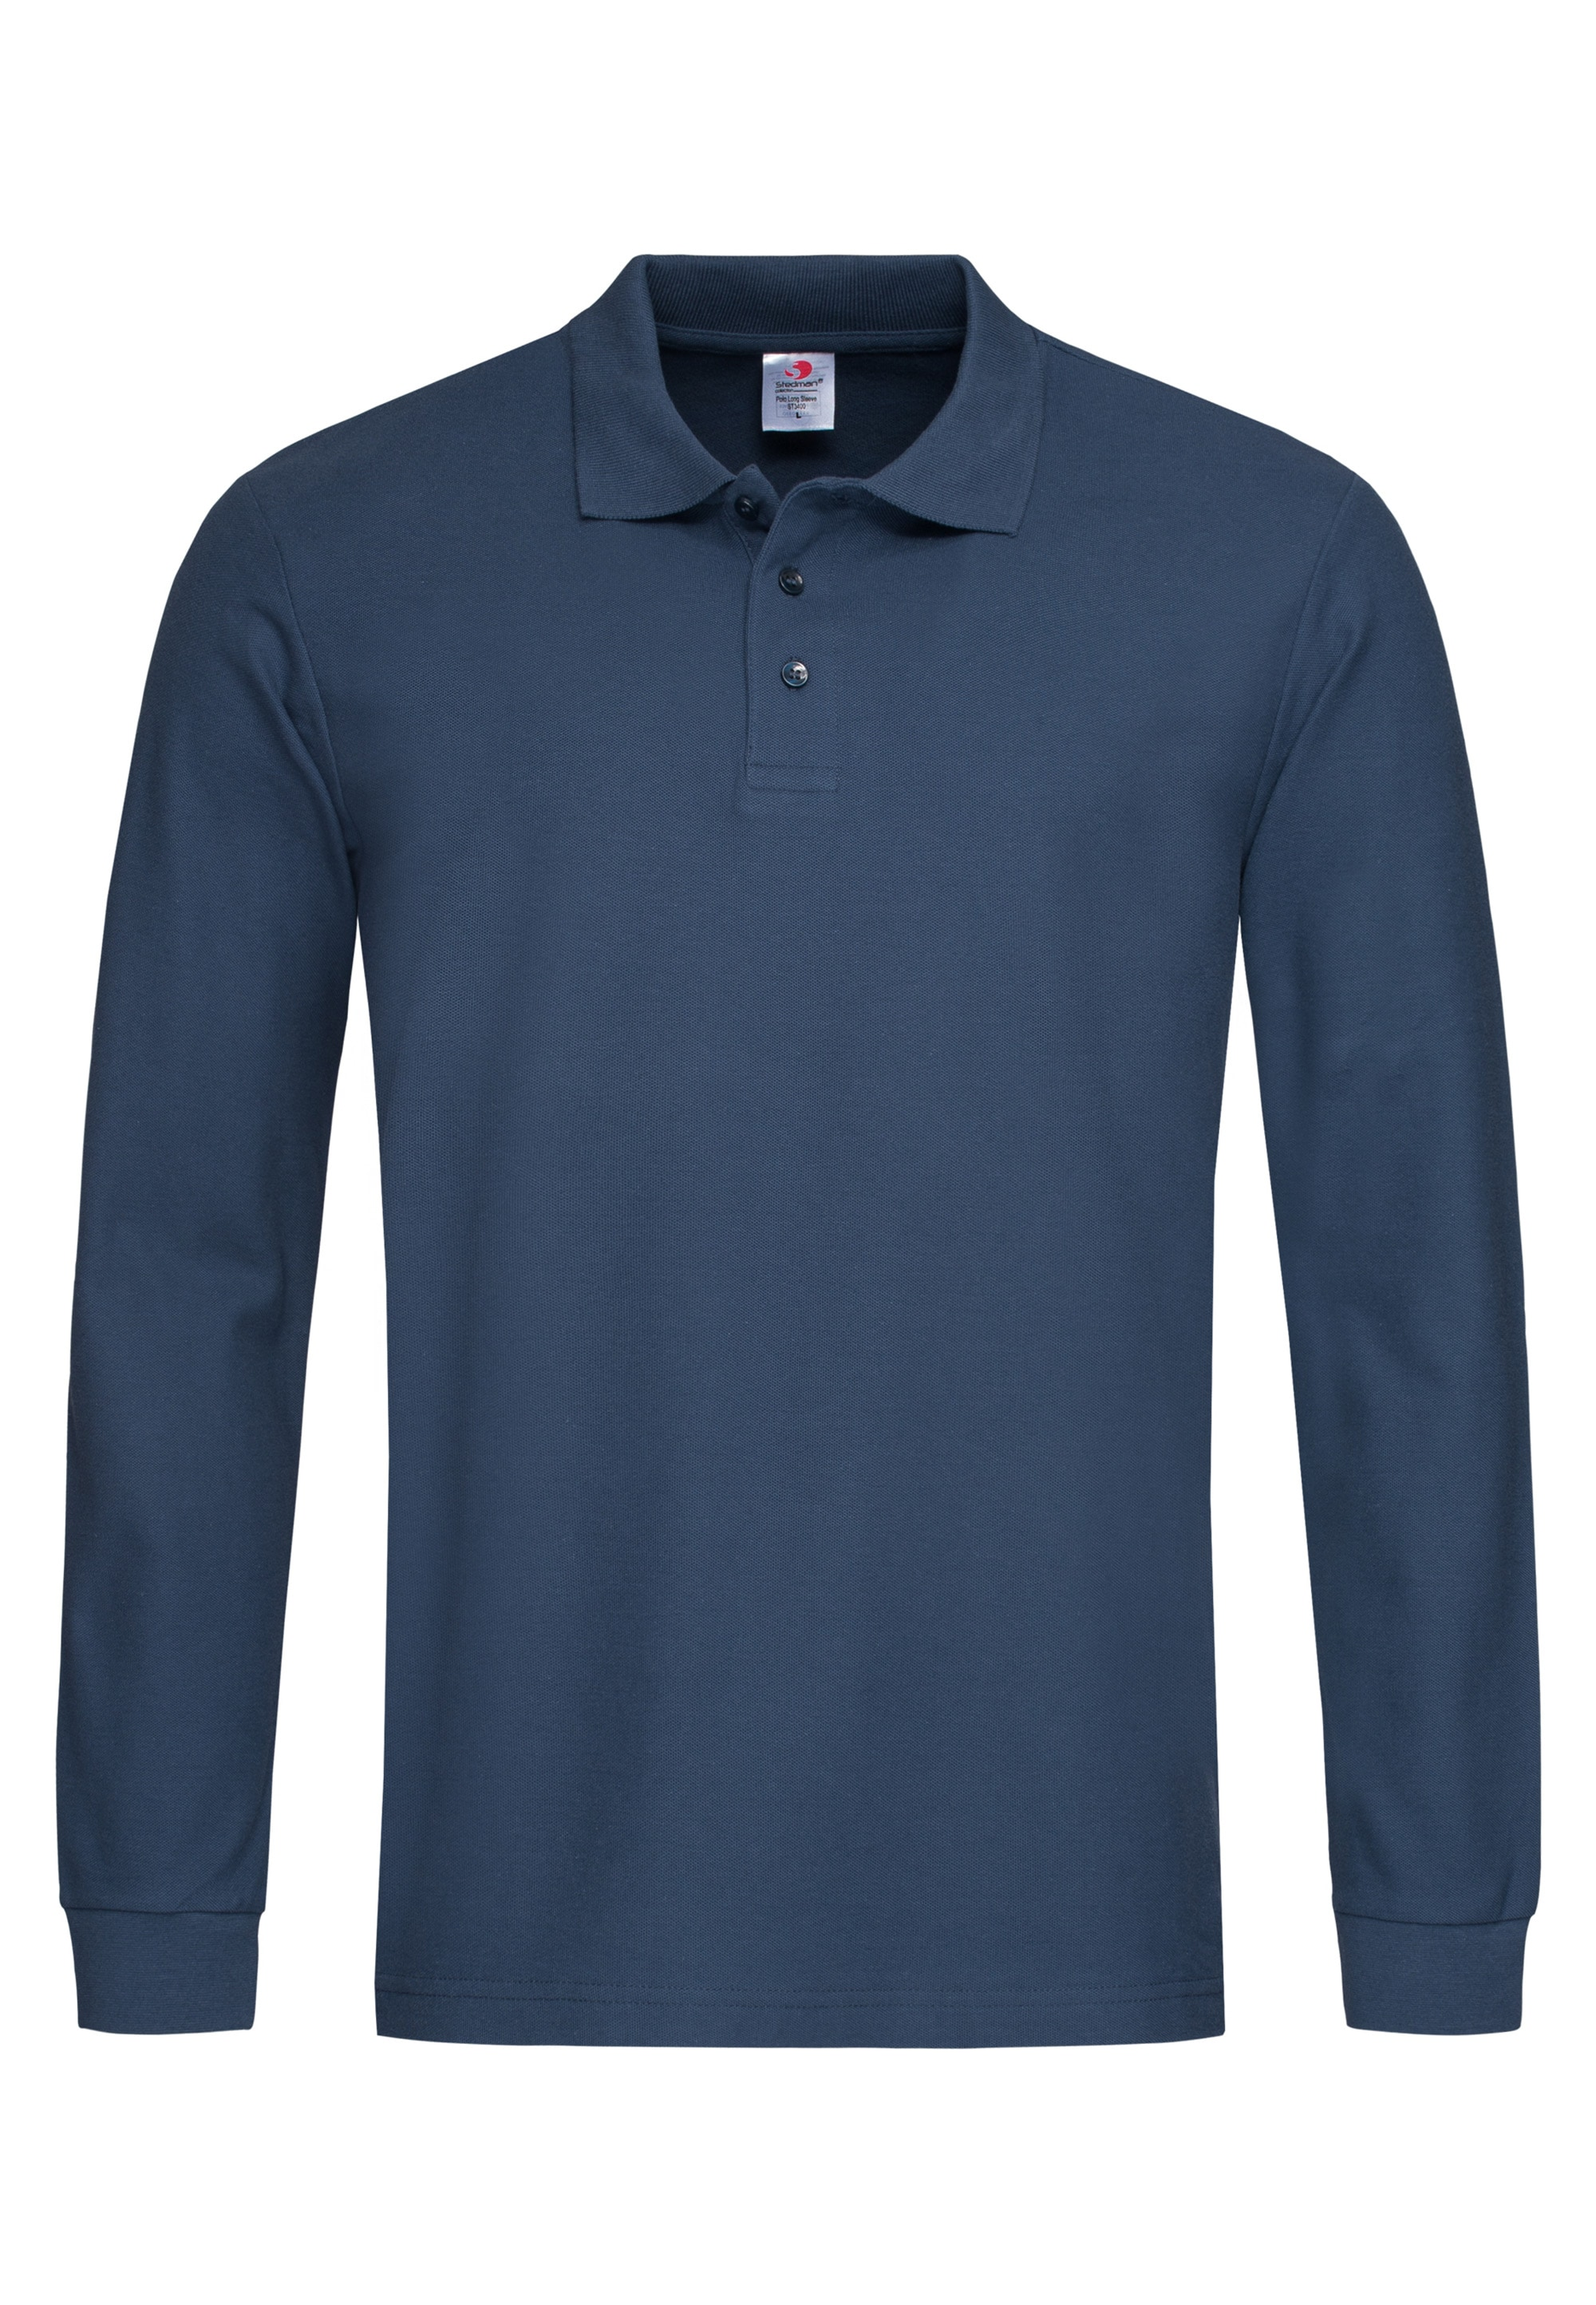 stedman -  Langarm-Poloshirt, mit Ton-in-Ton-Knopfleiste